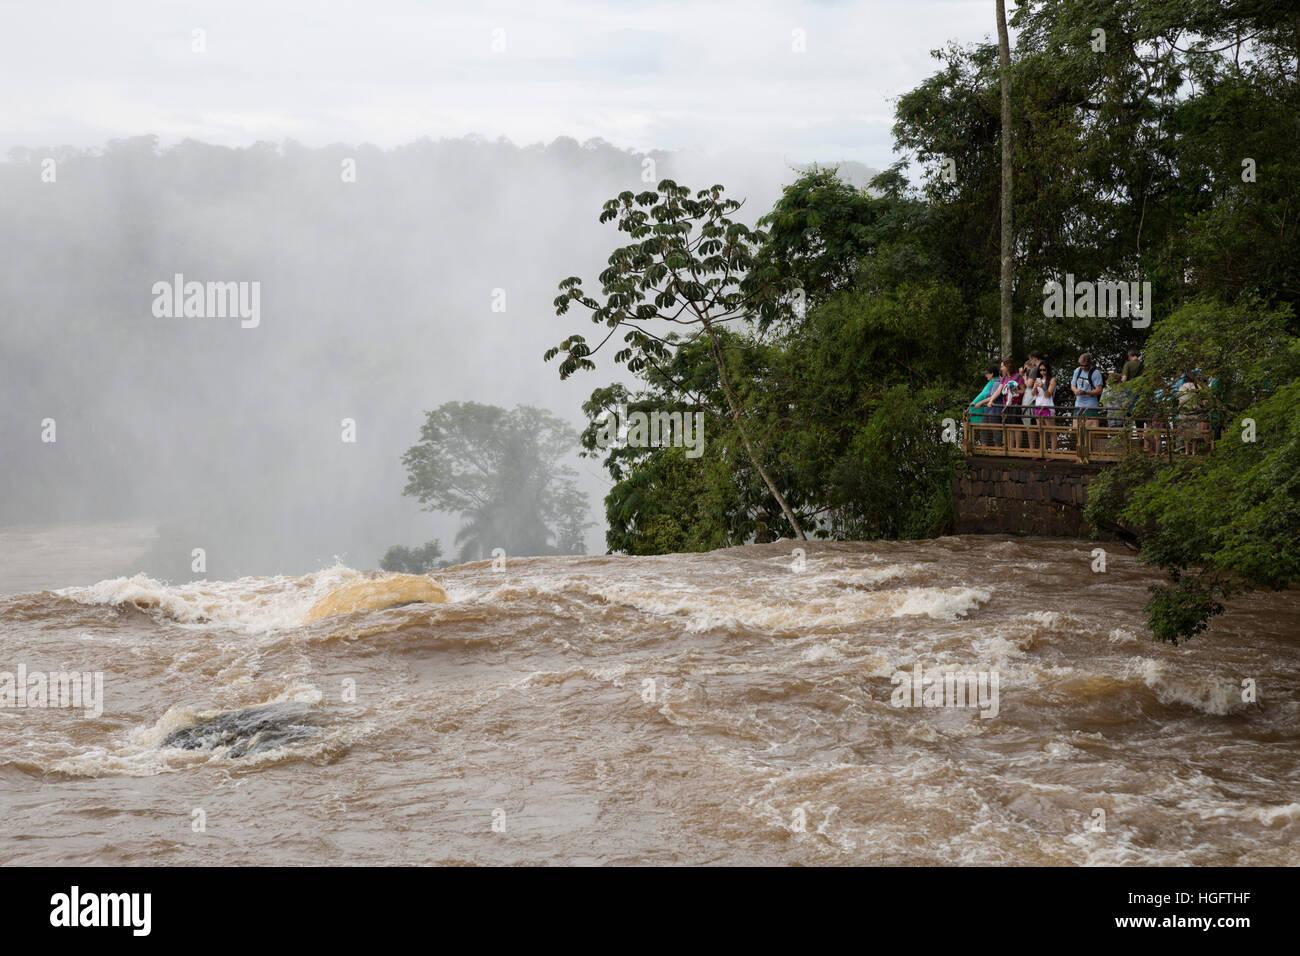 Cascate di Iguassù, Parco Nazionale di Iguazu, Provincia Misiones, Nordest, Argentina, Sud America Immagini Stock